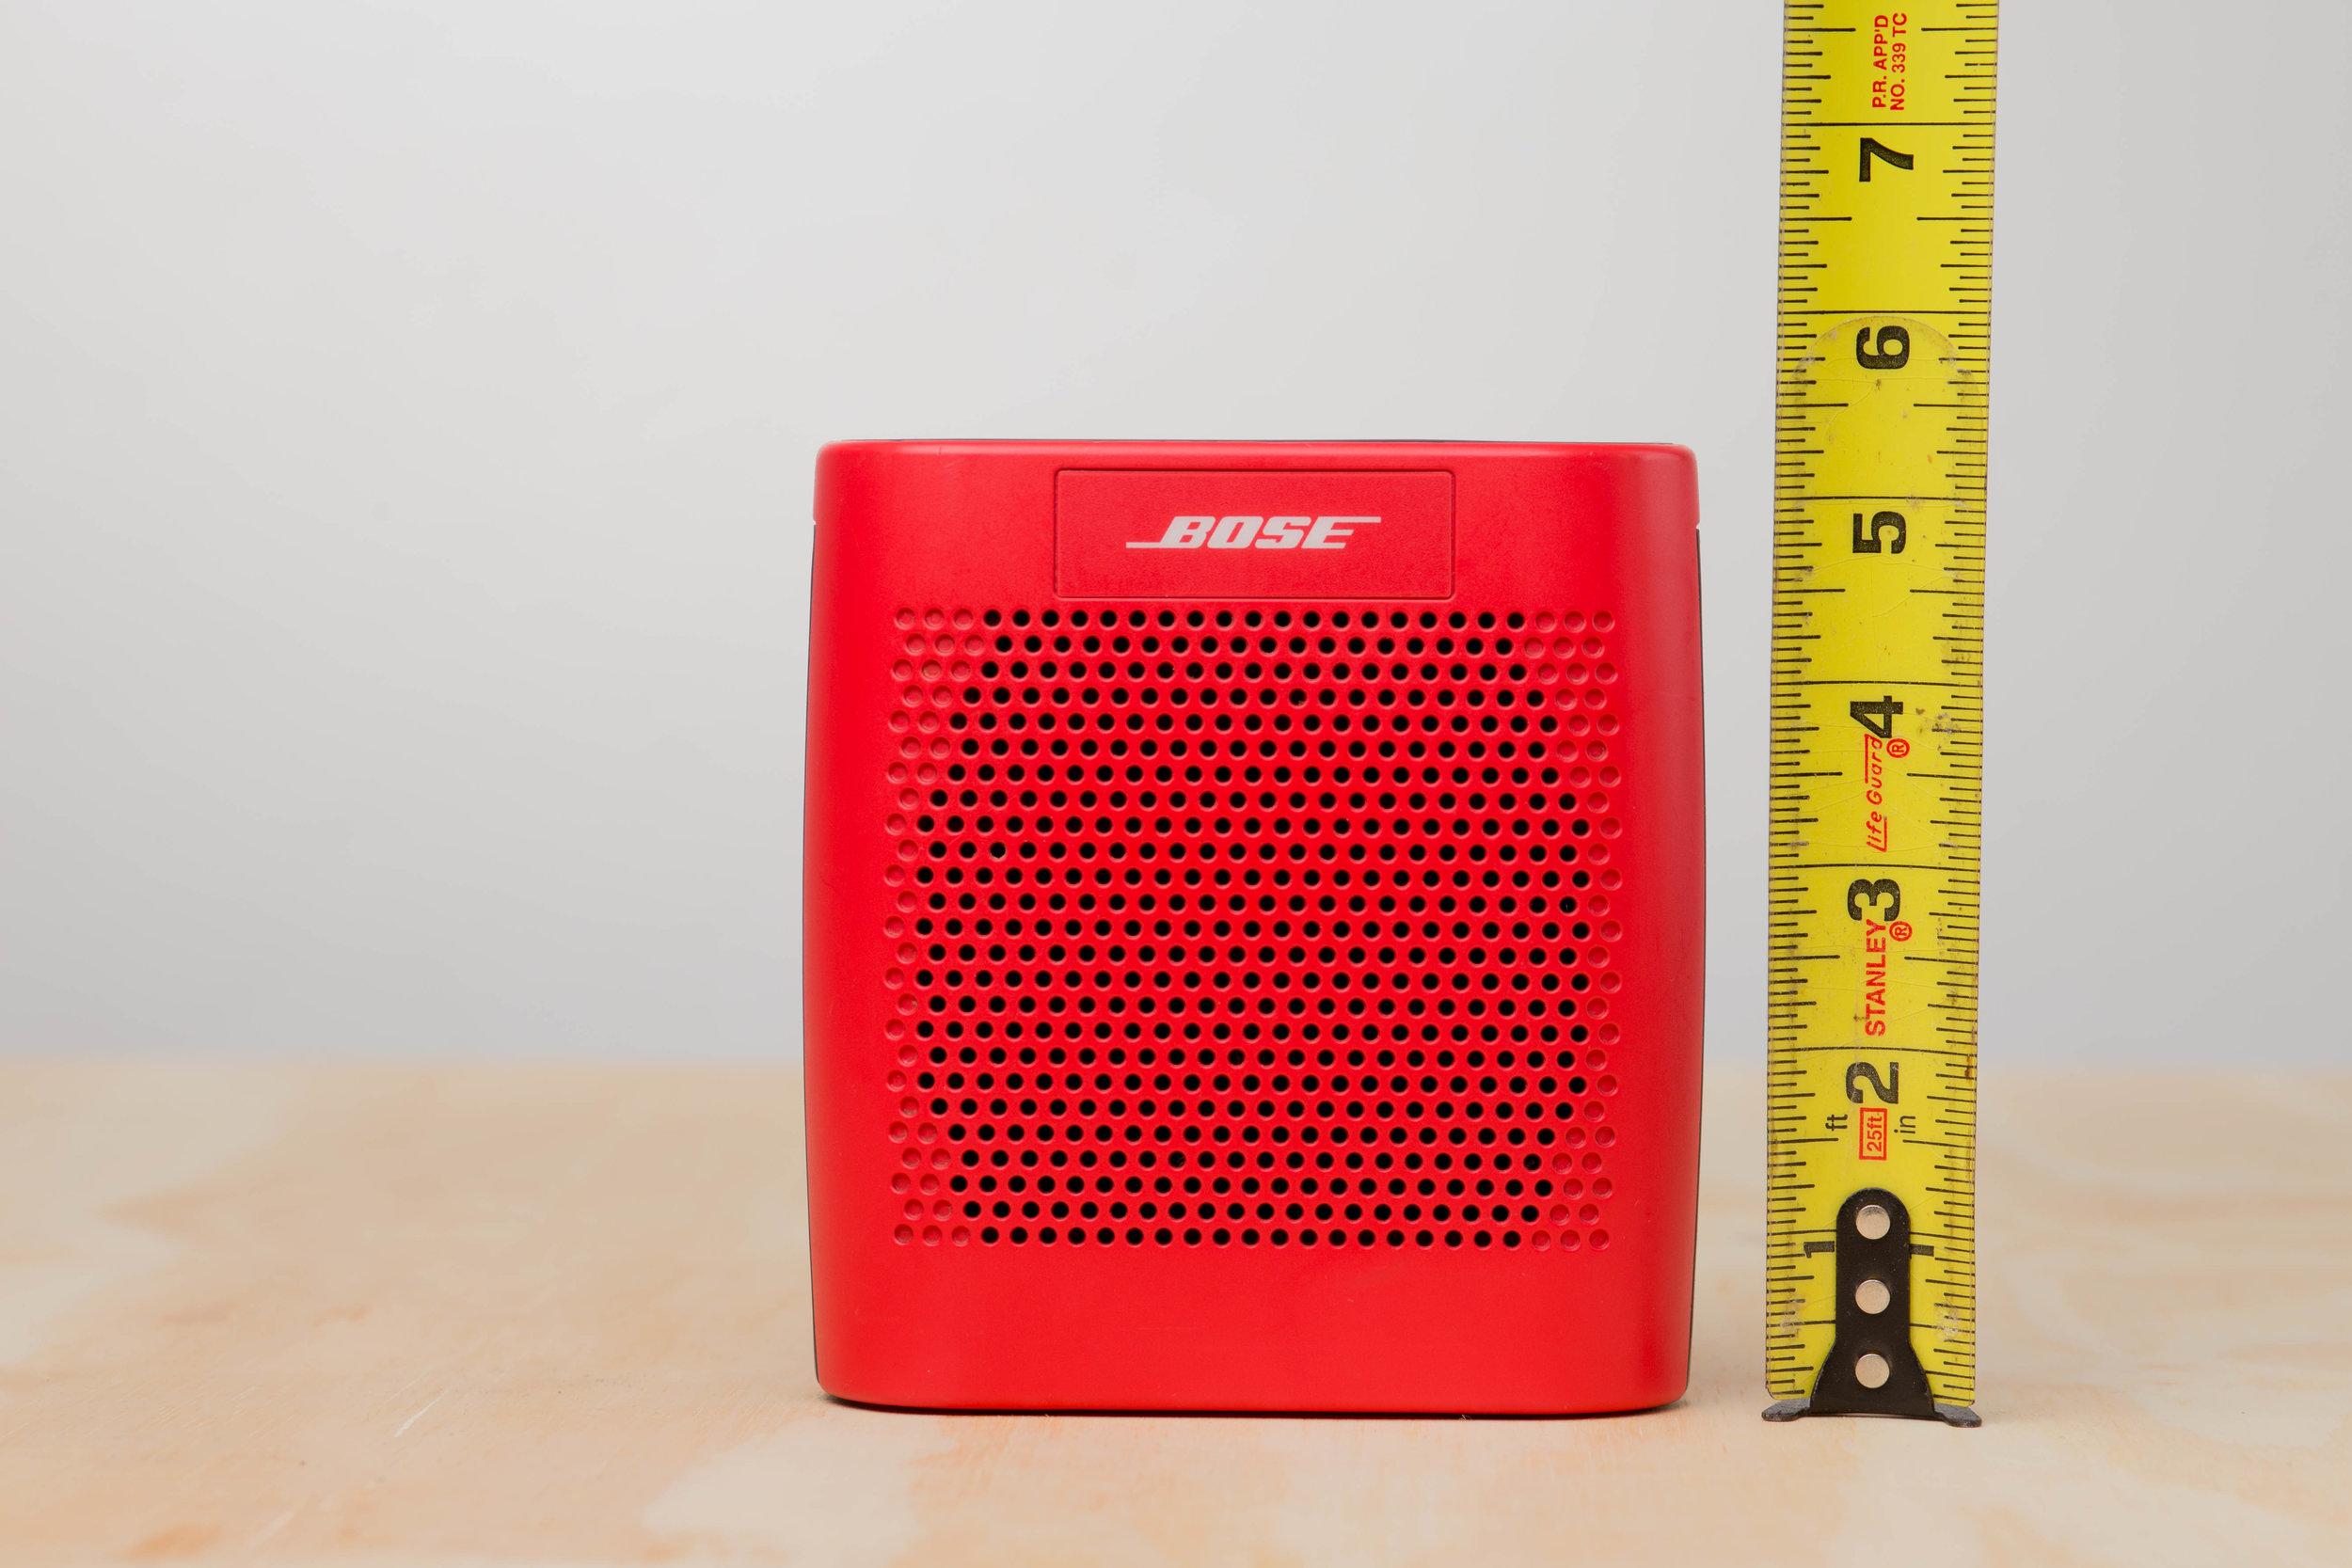 Bose SoundLink Color Bluetooth SpeakerIMG_9897.jpg